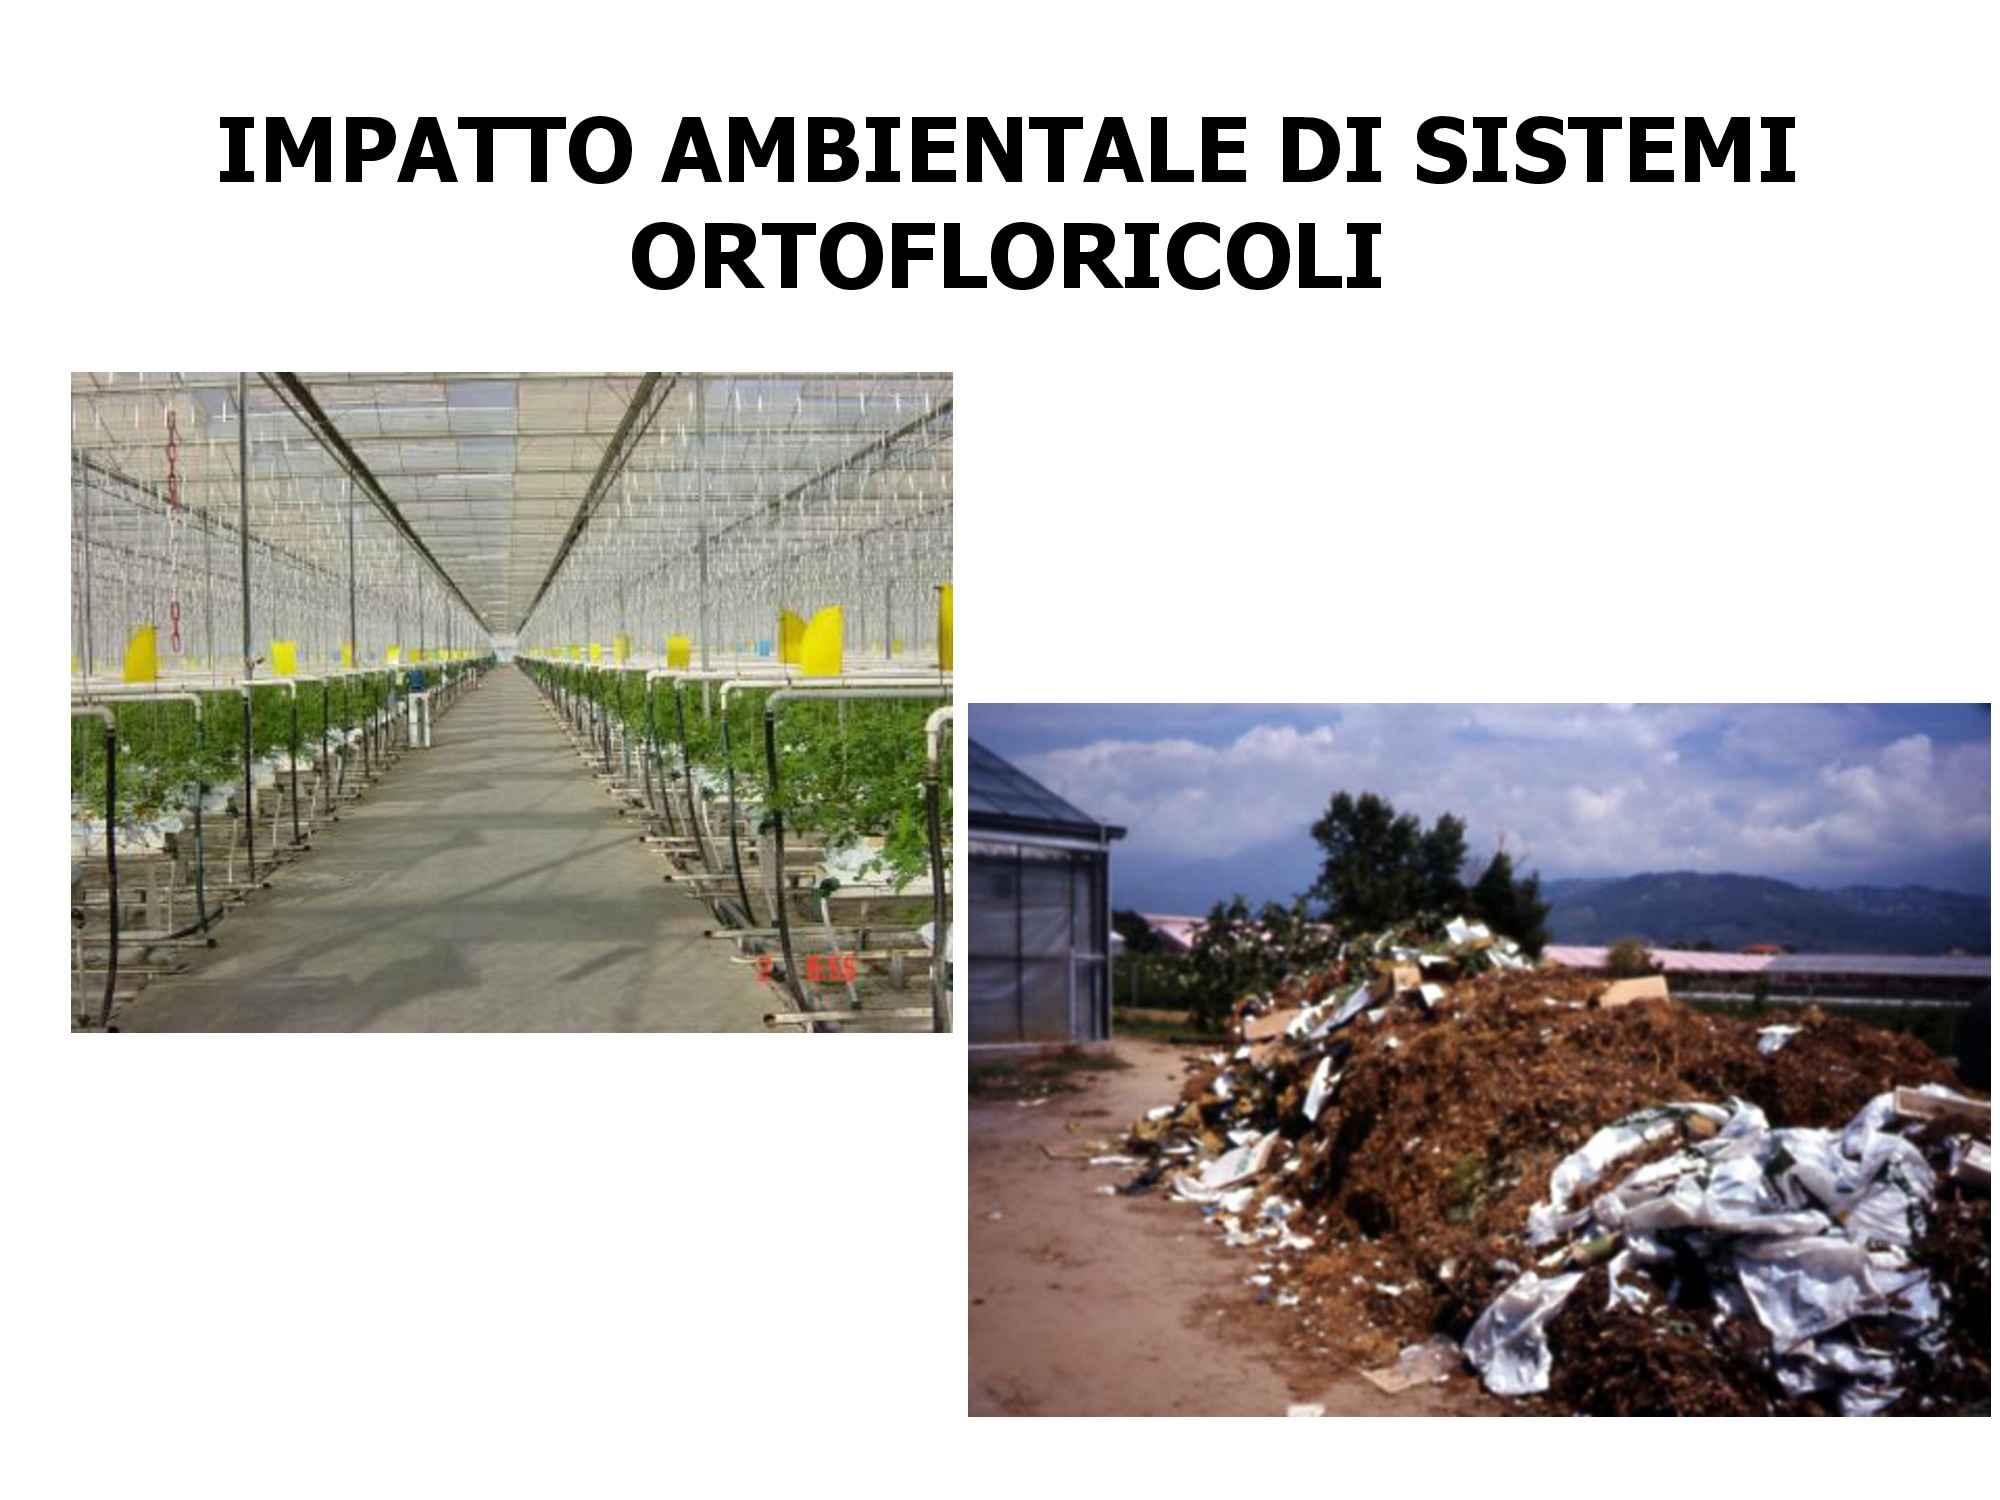 dispensa F. Malorgio Orticoltura e Floricoltura